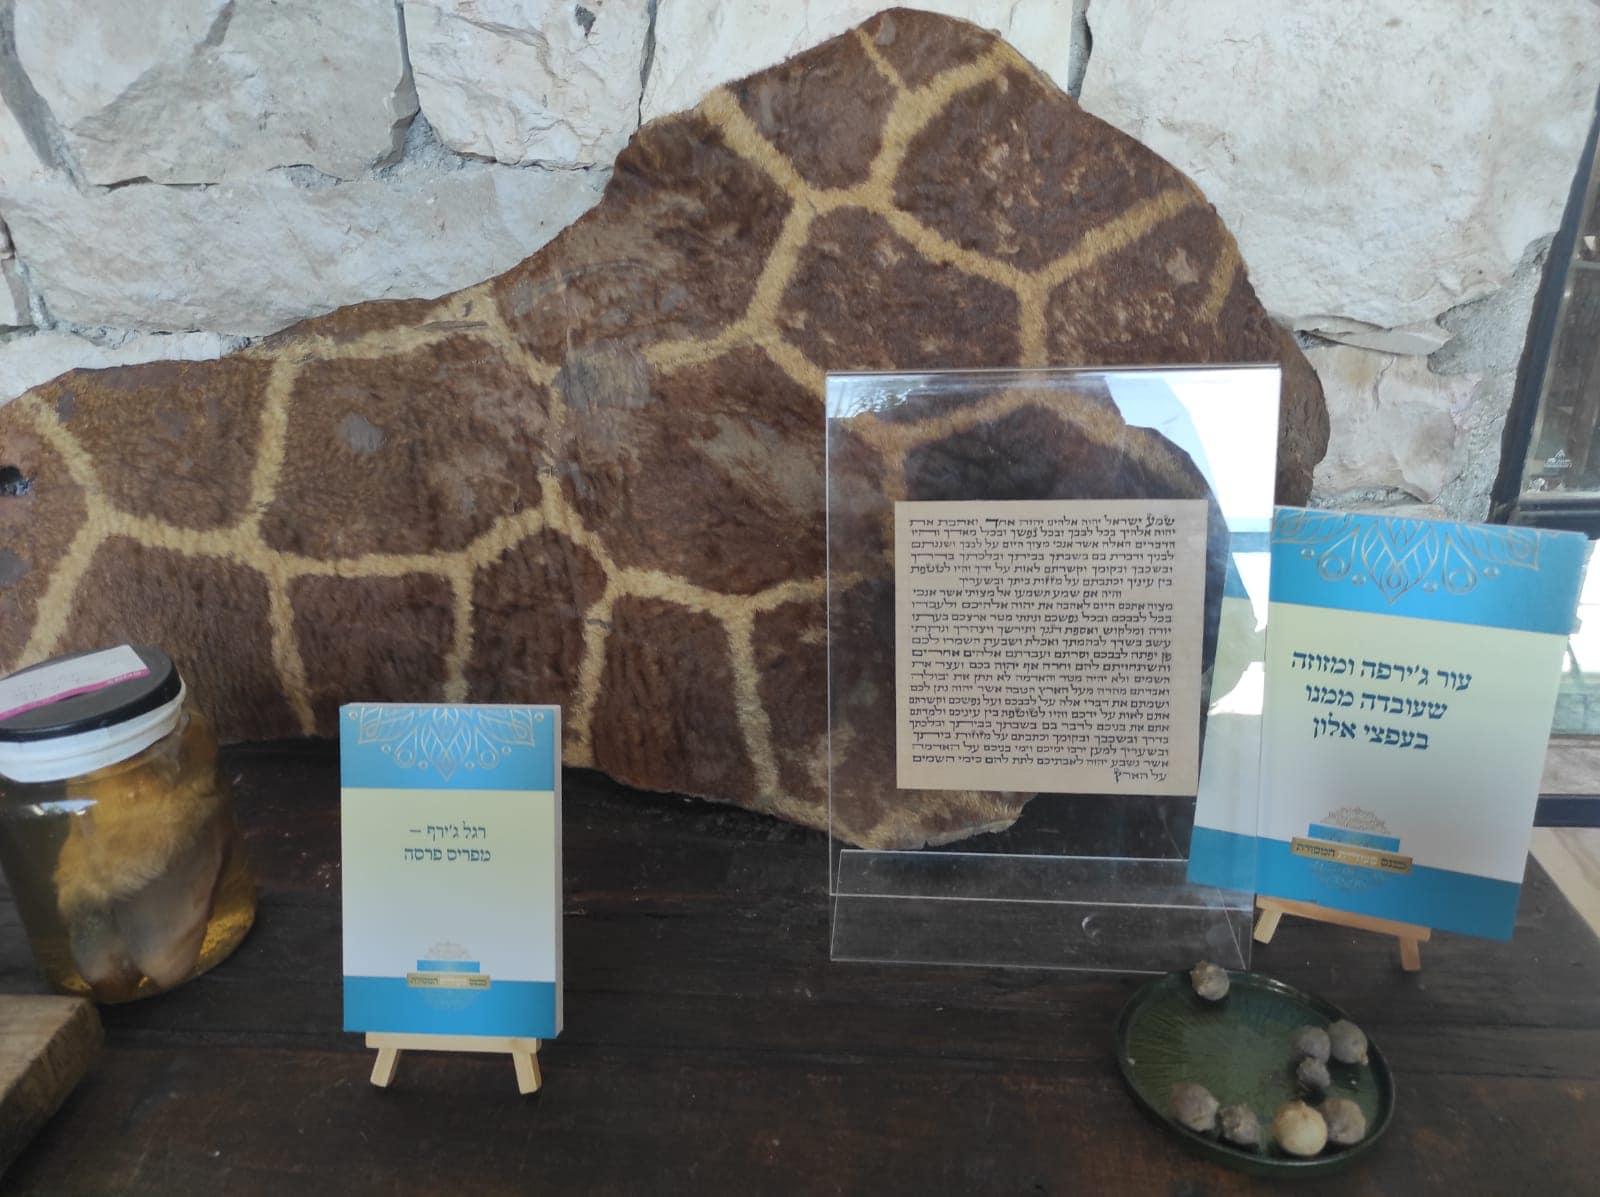 מזוזה על קלף שעובד מעור ג'ירפה (צילום: דוב מורל)